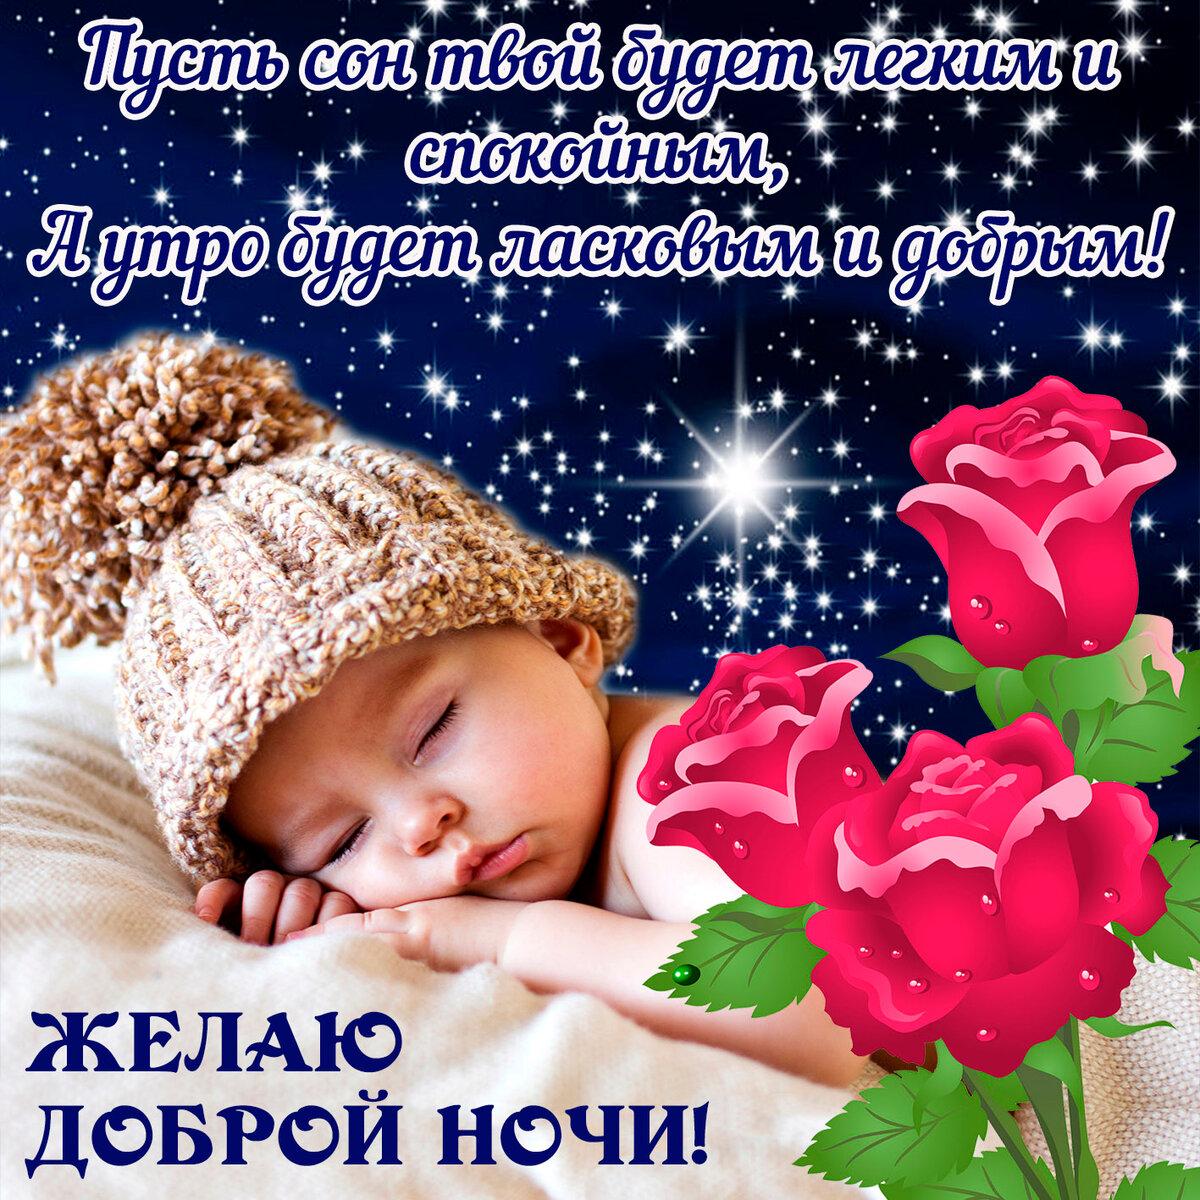 этого картинки с пожеланием хорошего сна хорошего врача